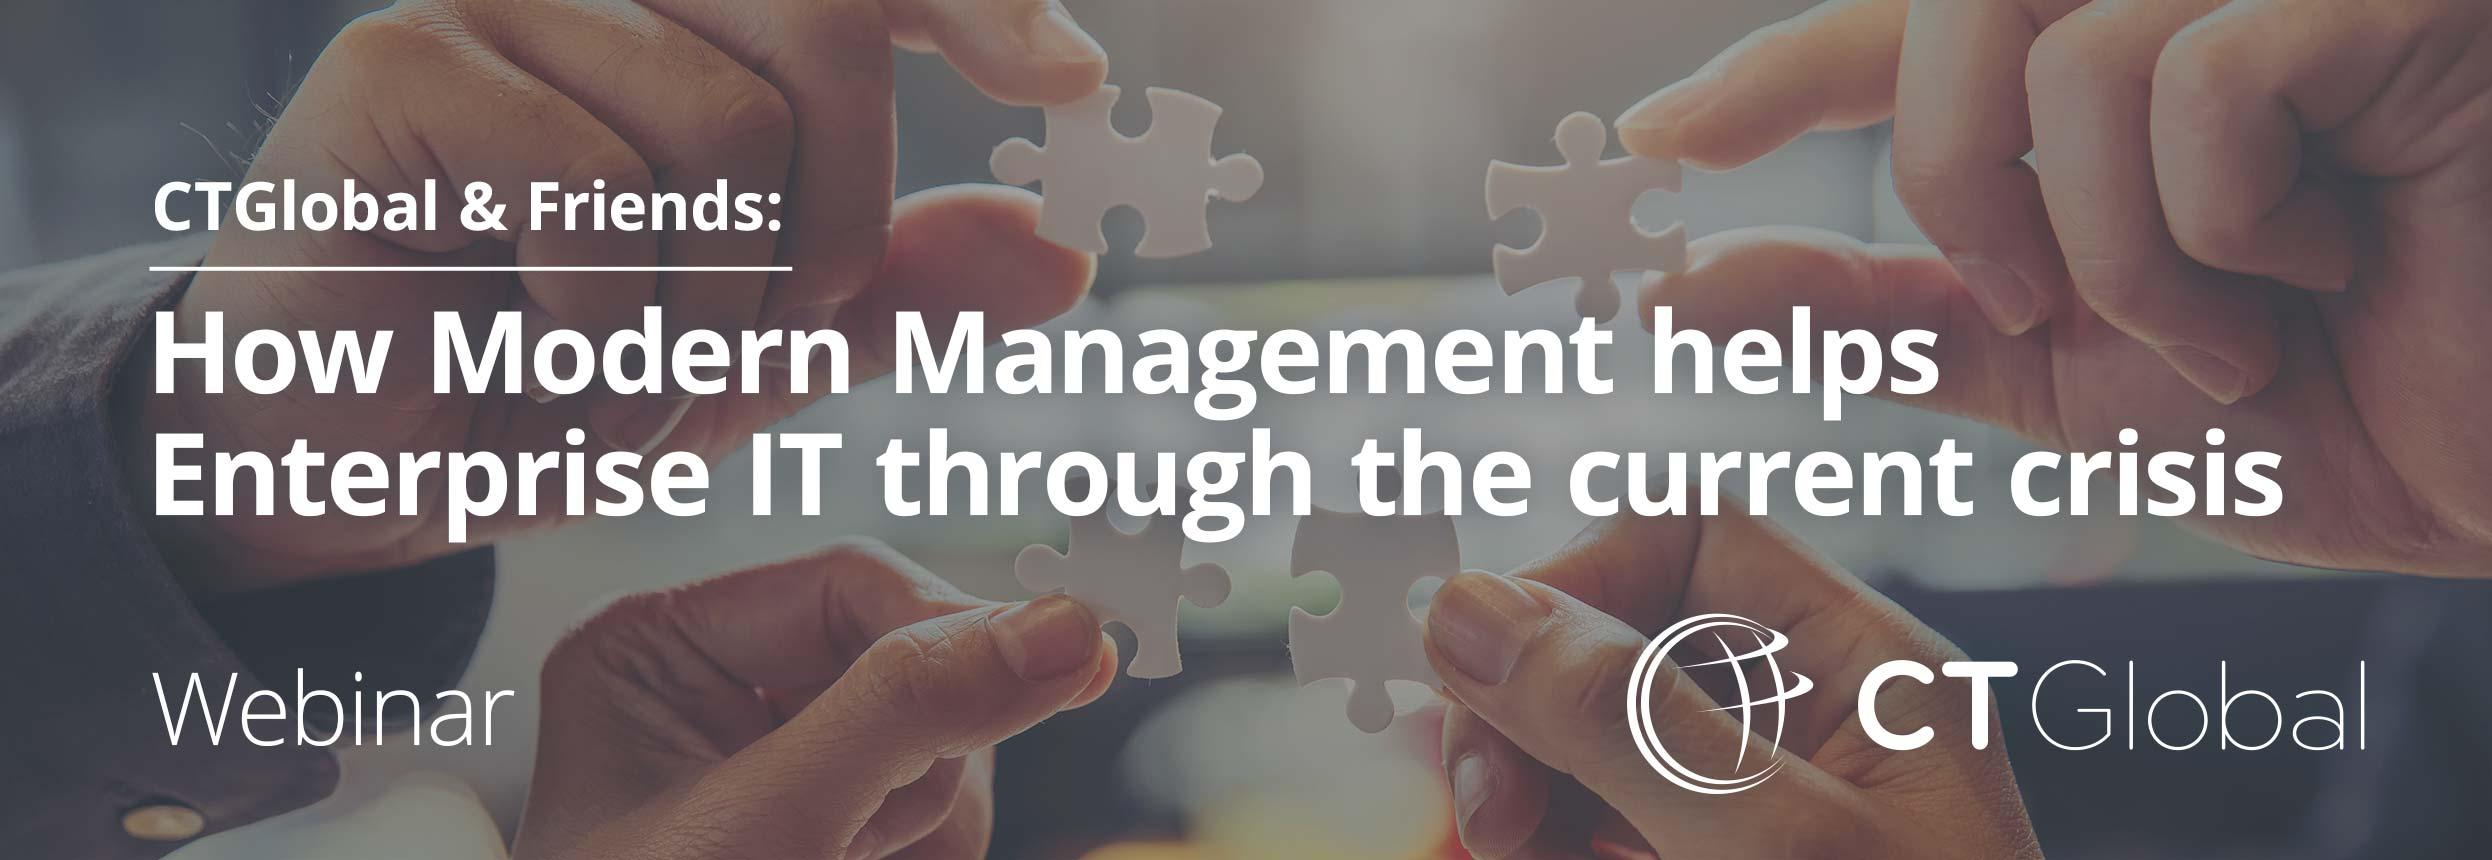 Modern Management webinar